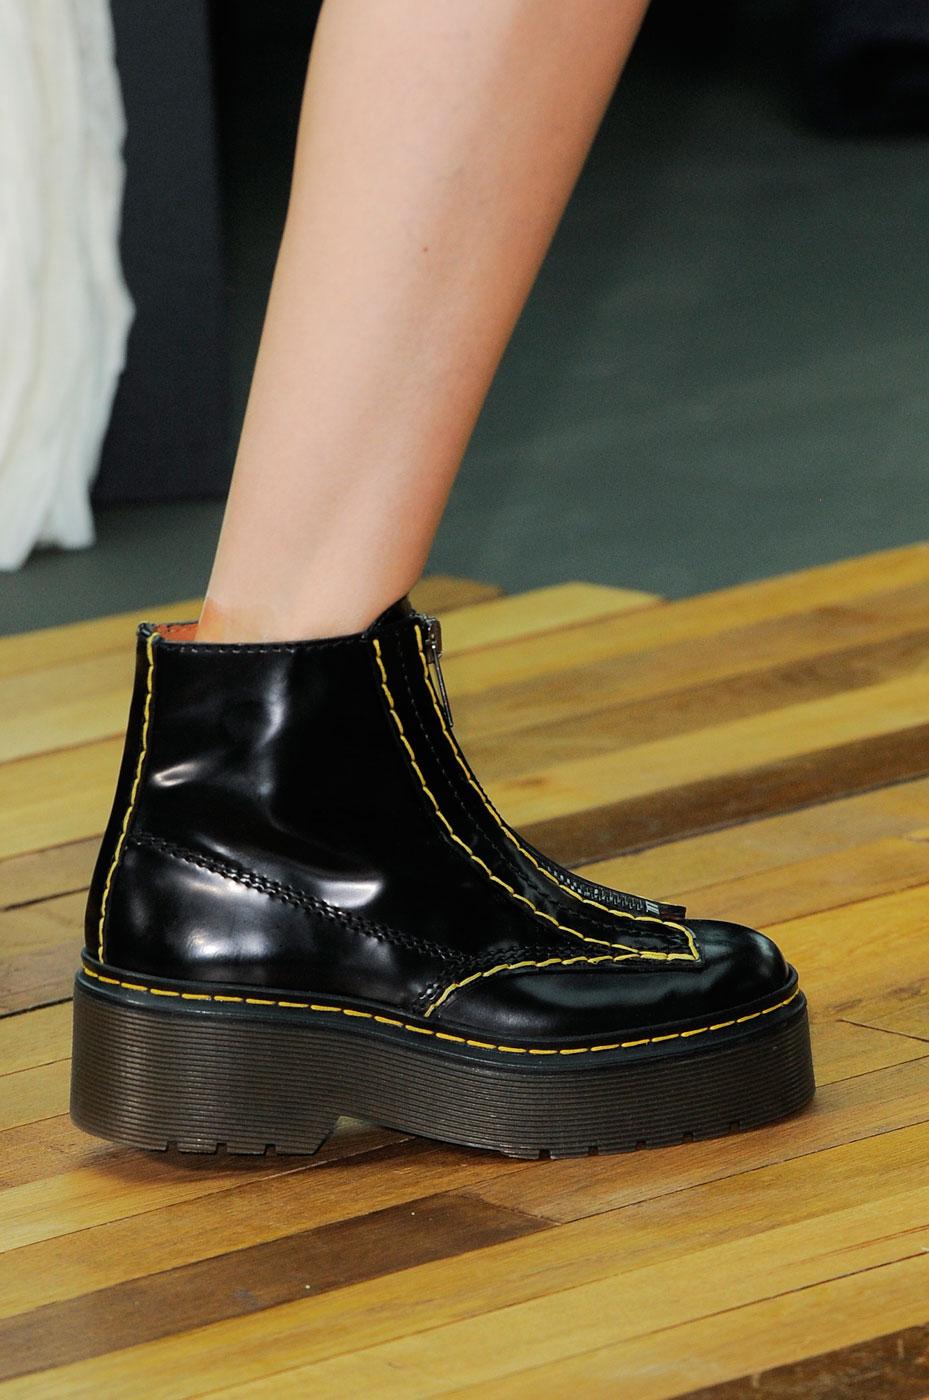 Céline Fall 2014 boots combat doc martens